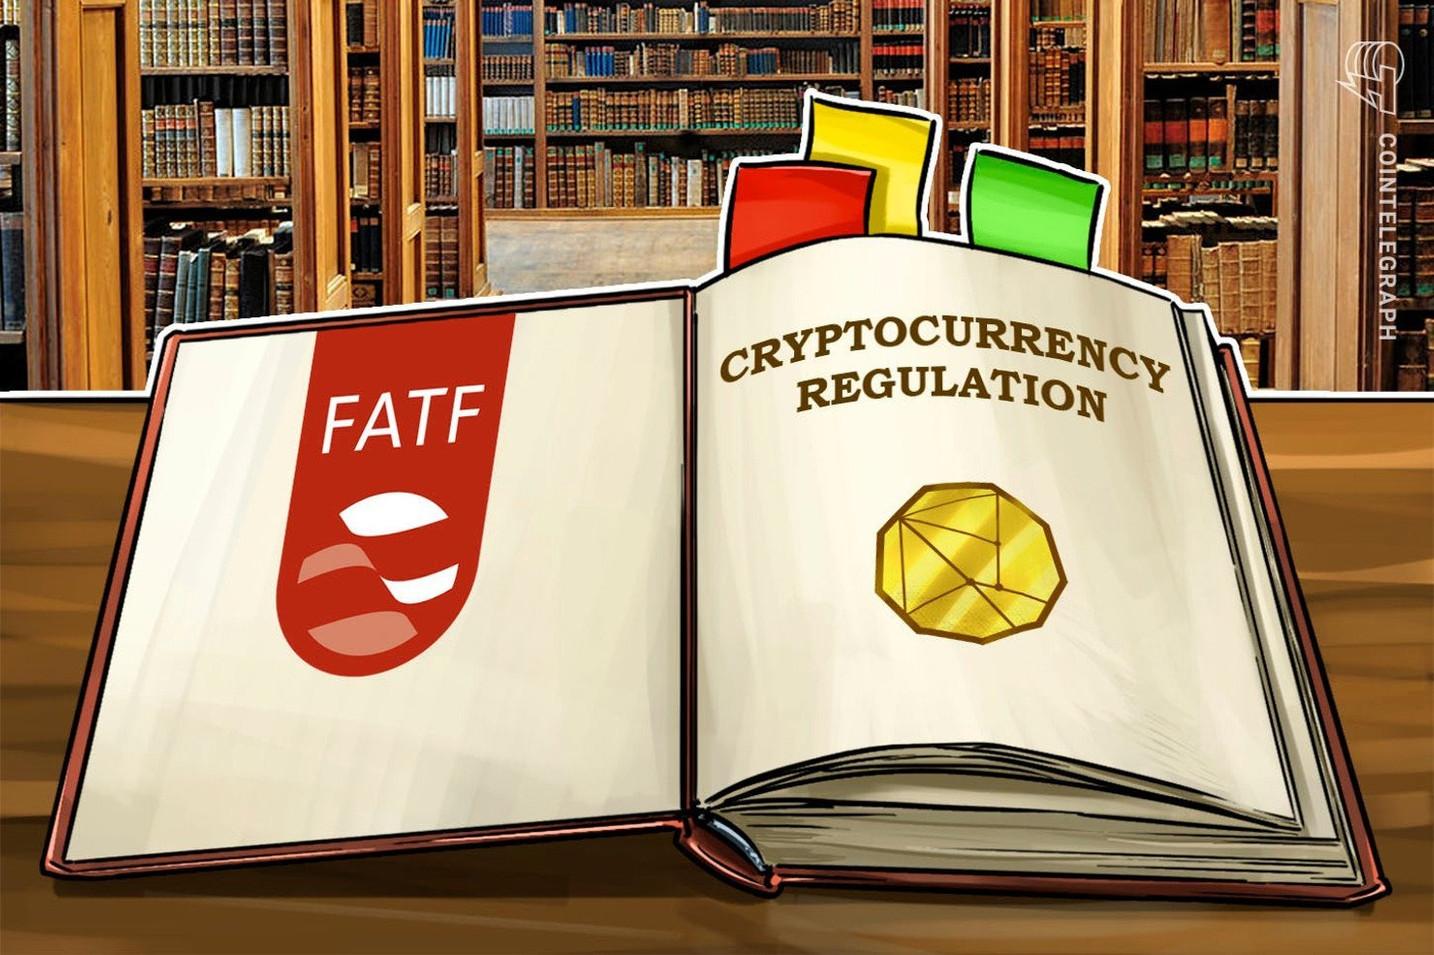 マネロン対策進めるFATFの新代表、仮想通貨リブラに厳しい目